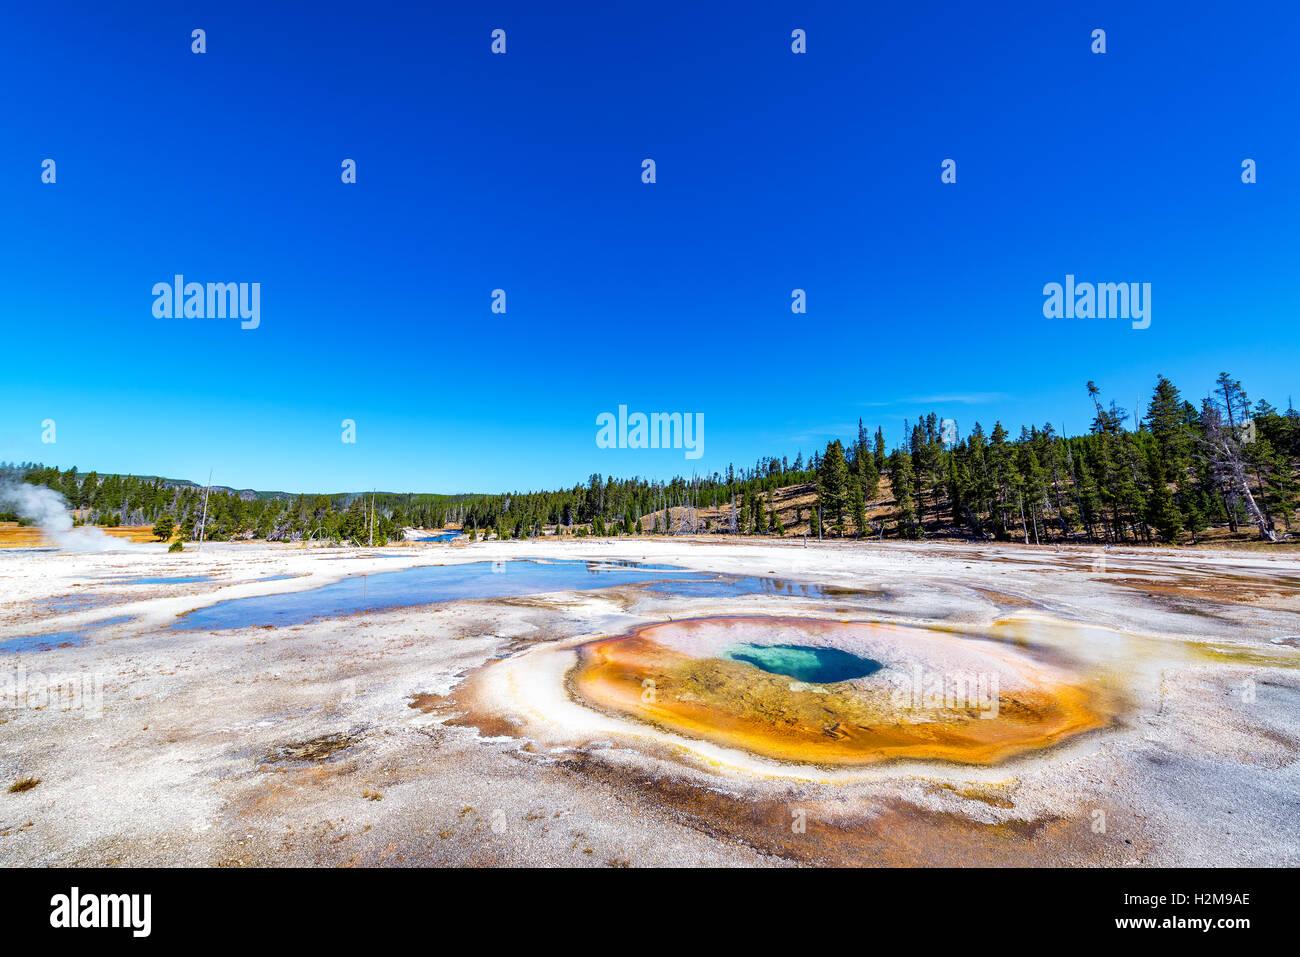 Ampio angolo di visione cromatica della piscina nel parco nazionale di Yellowstone Immagini Stock